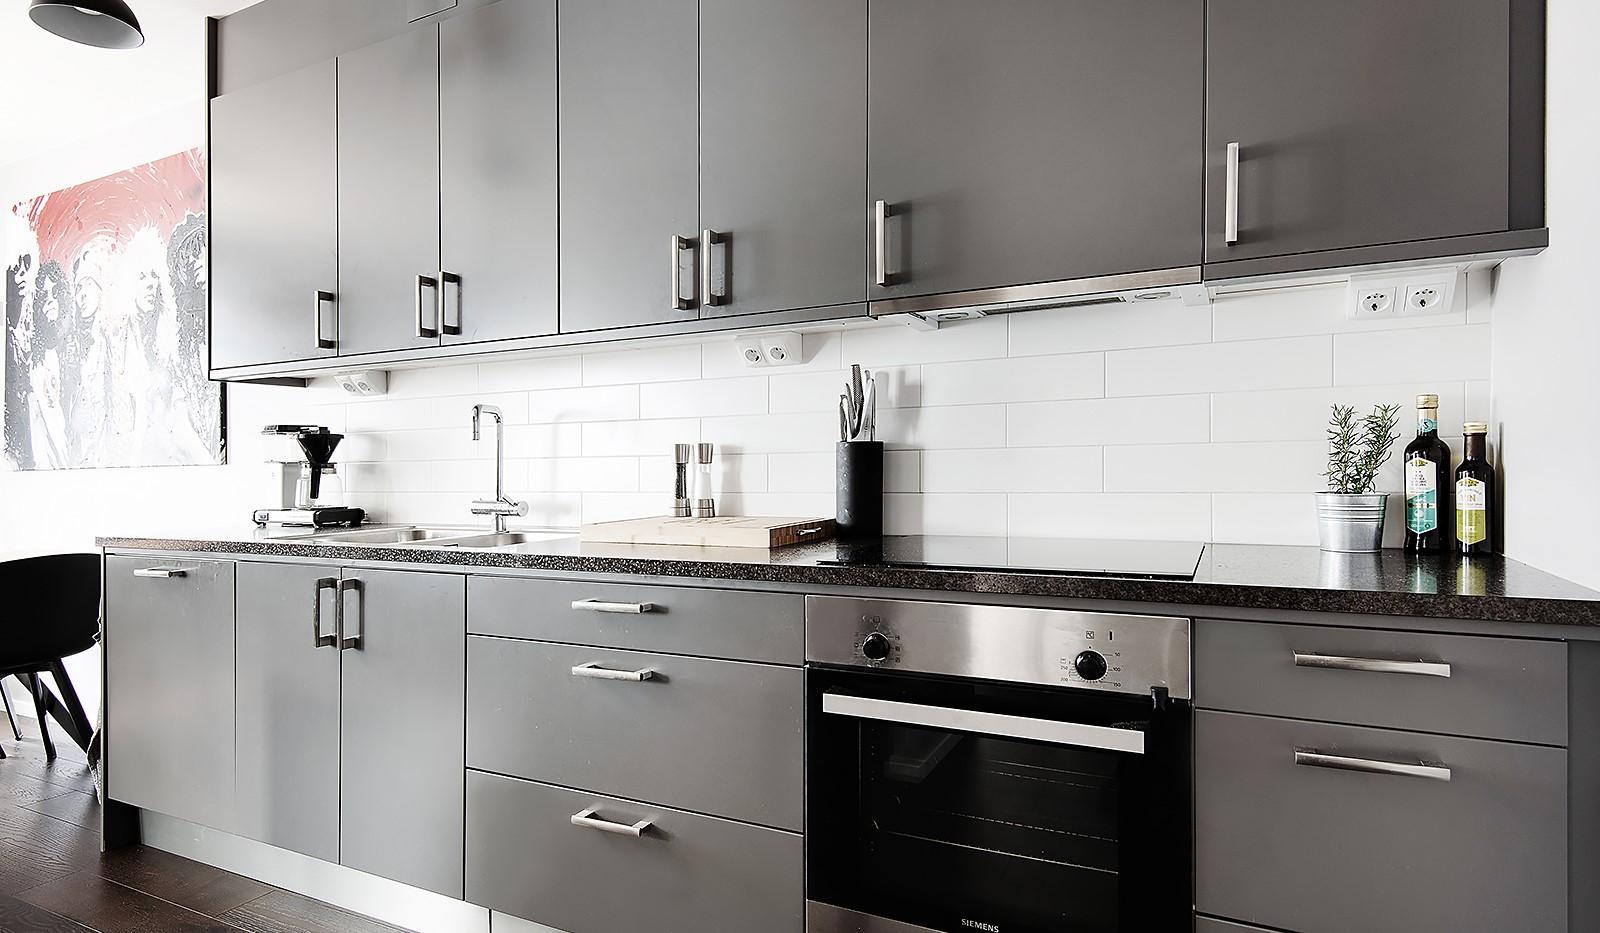 Oskarslundsbacken 1, 2tr - Snyggt kök med gott om förvaring